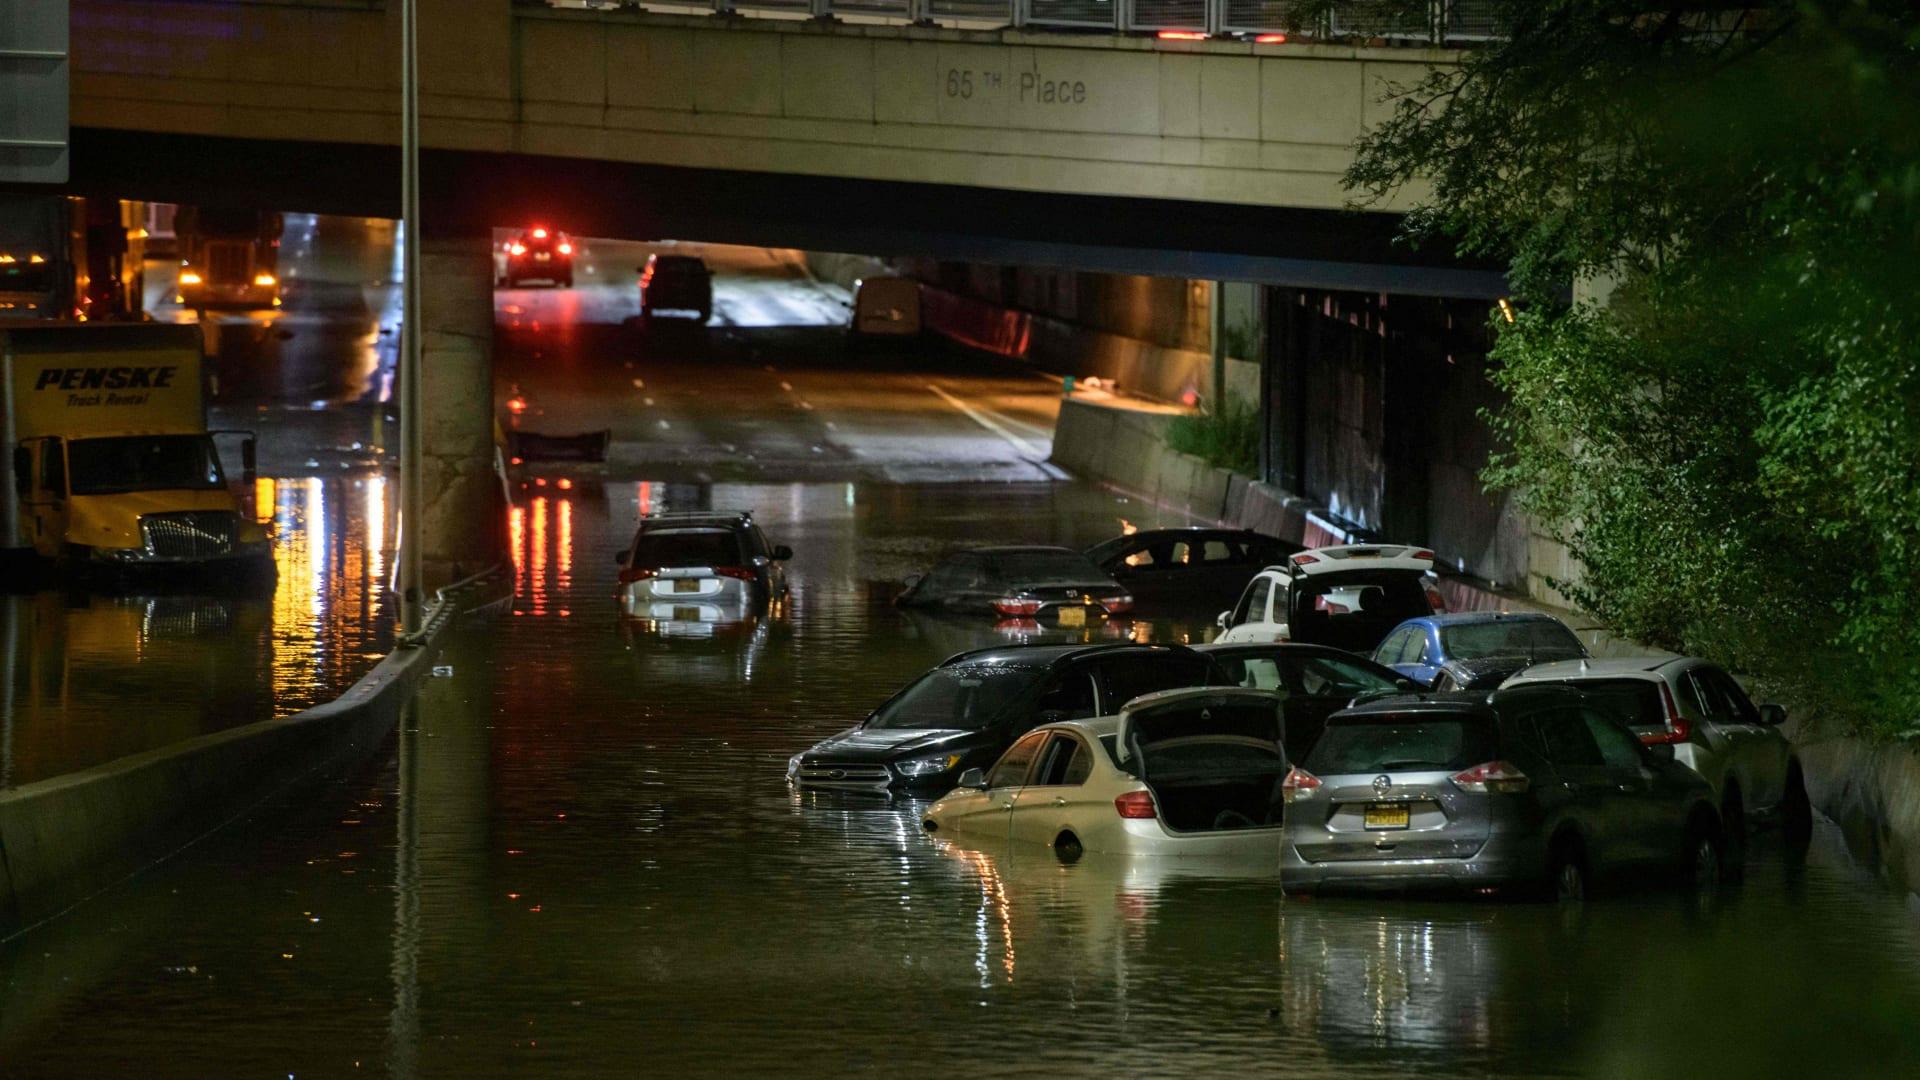 أمطار قياسية تغمر شوارع ومحطات المترو في نيويورك بعد إعصار أيدا